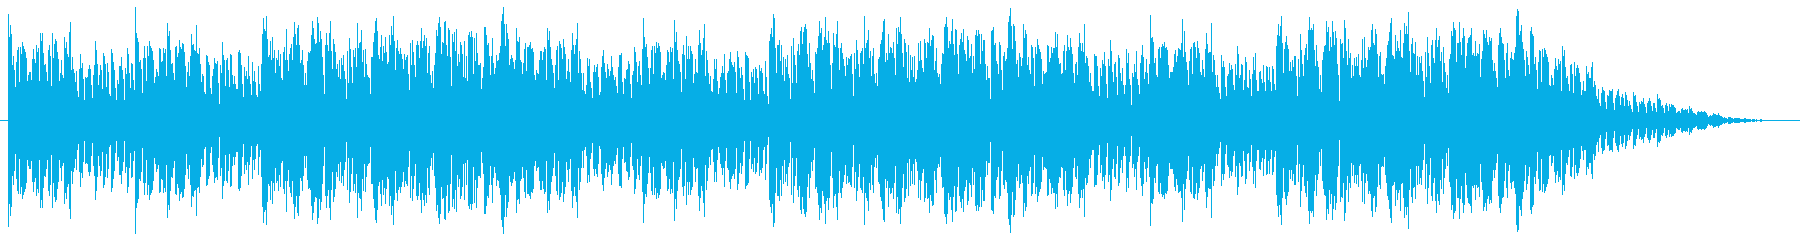 南国のバカンスをイメージしたループBGMの再生済みの波形